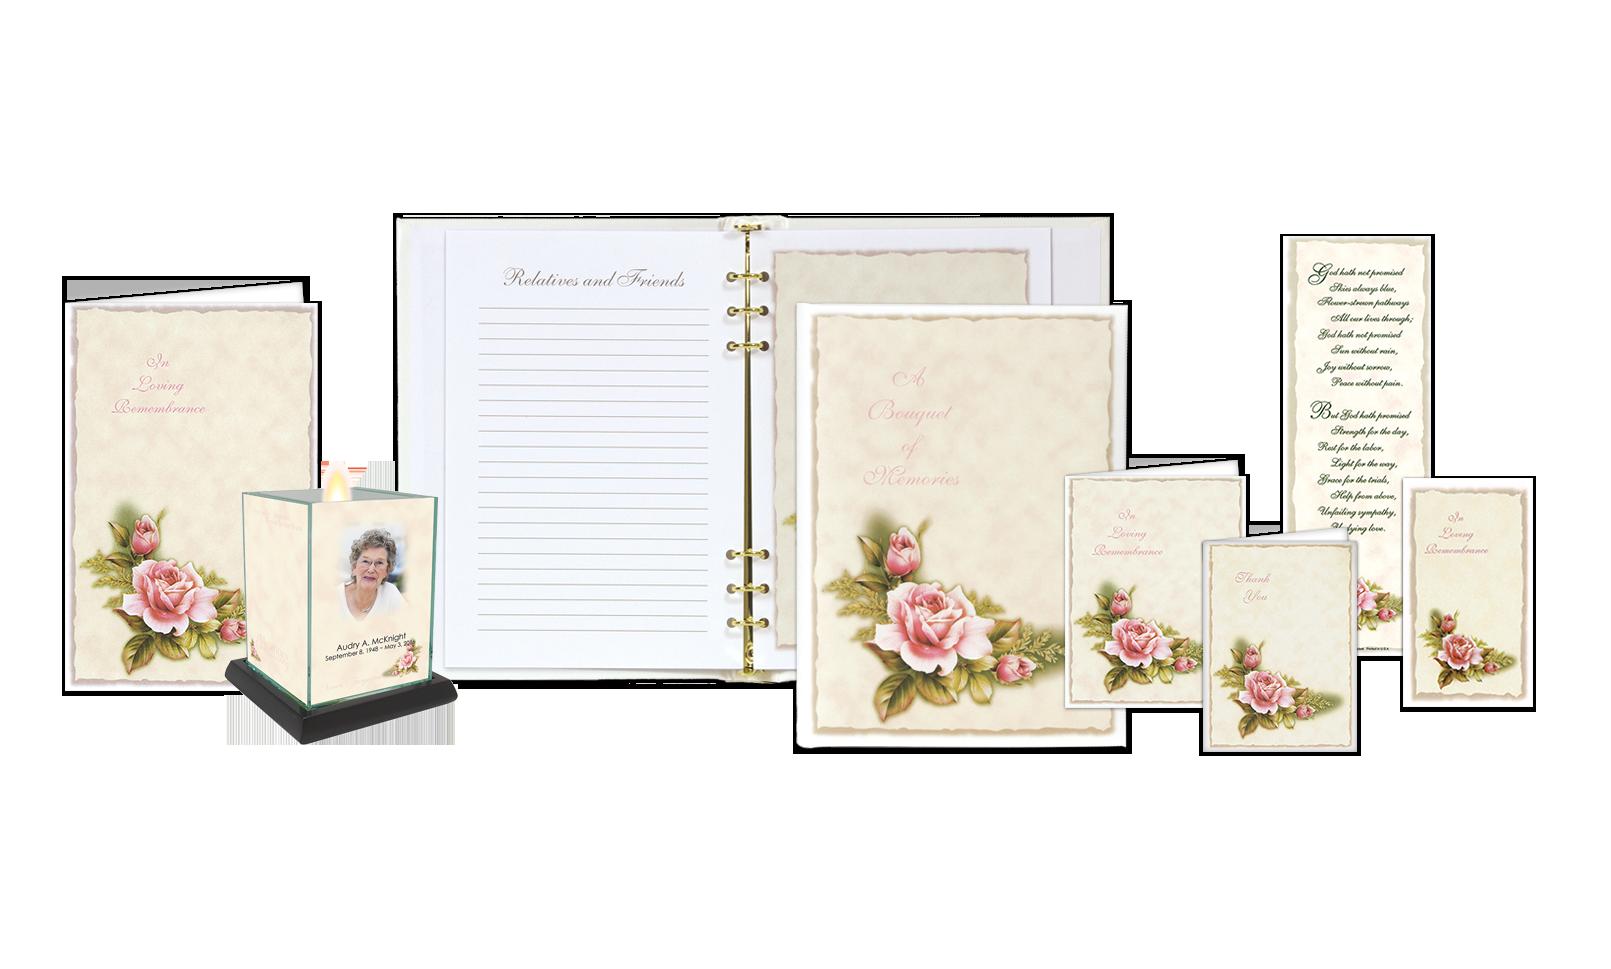 ROL Bouquet of Memories 387 IC